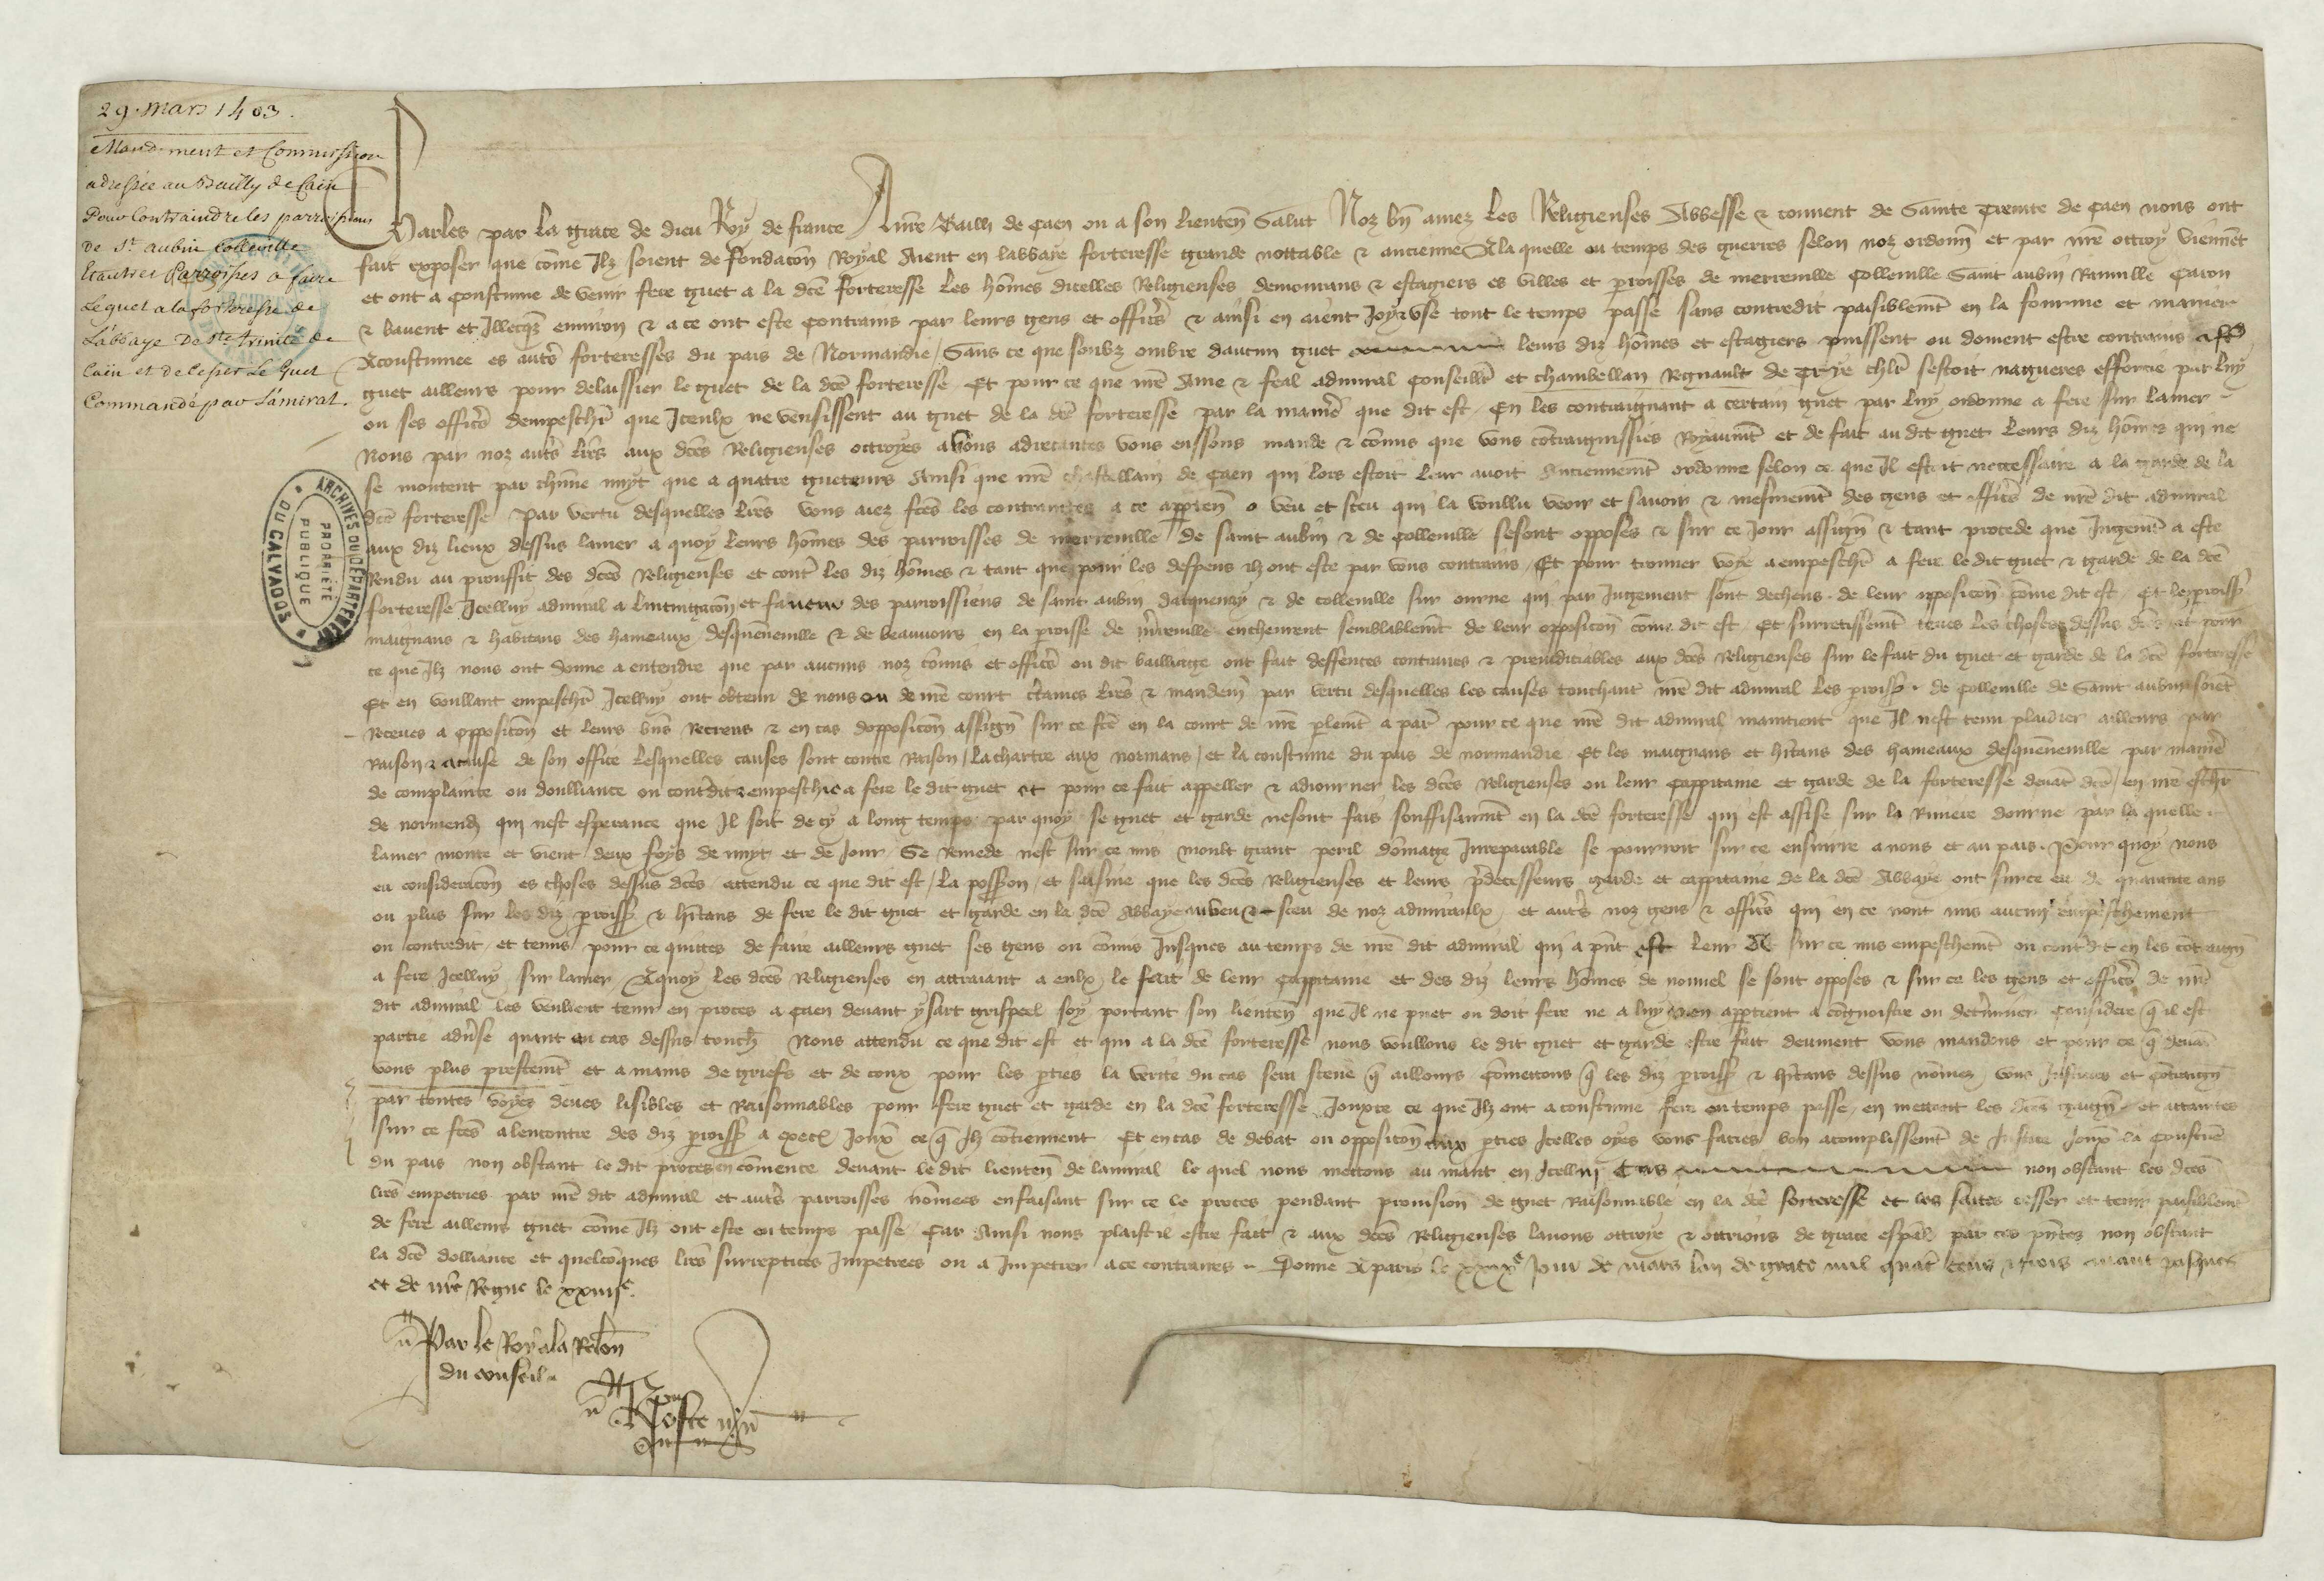 Charles le Bon mande le bailli de contraindre les paroissiens de Saint-Aubin, Colleville et alentours de participer au guet de la forteresse de l'abbaye